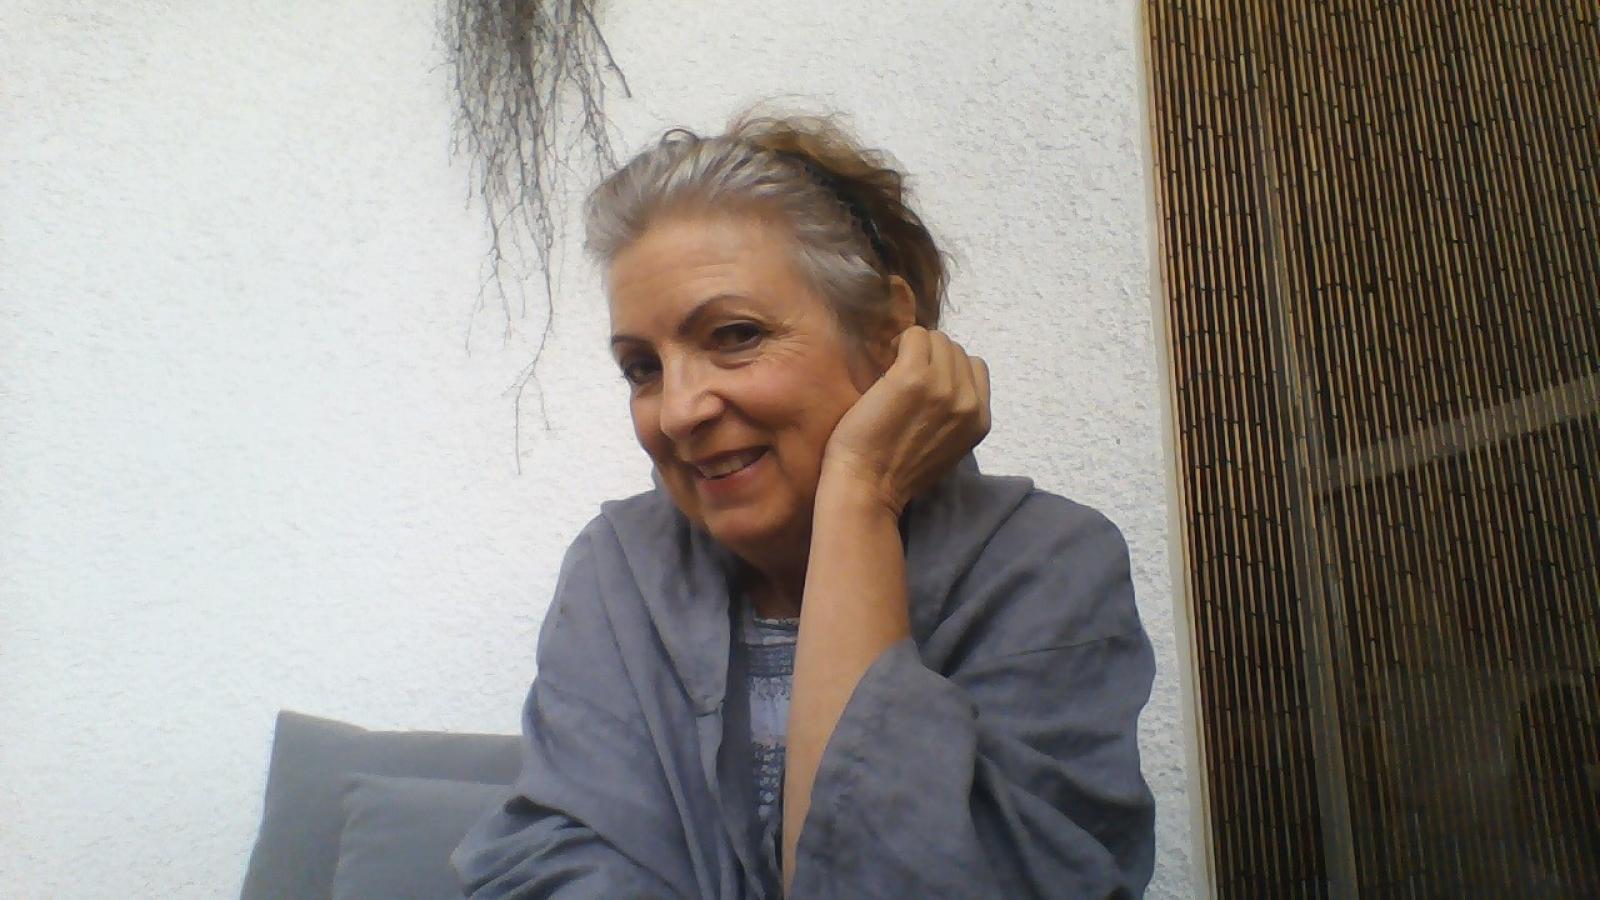 Profil-Foto von fortunia